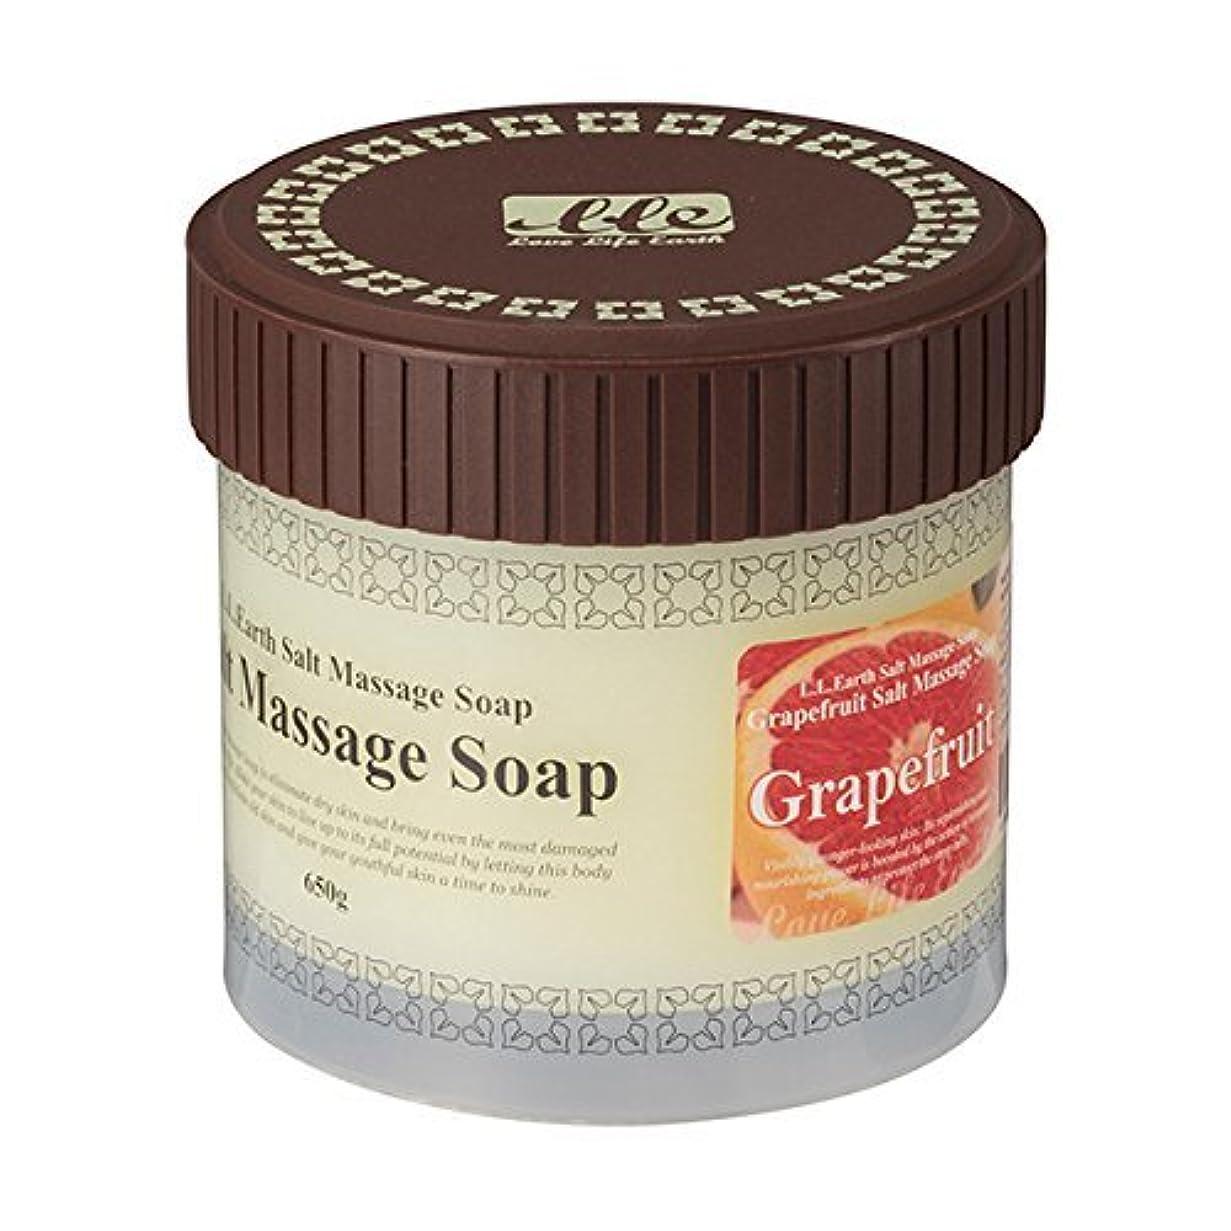 教授乱気流反発するLLE 業務用 ソルトマッサージソープ 650g [選べる香り5種類] ( ボディ用 スクラブ ) グレープフルーツ